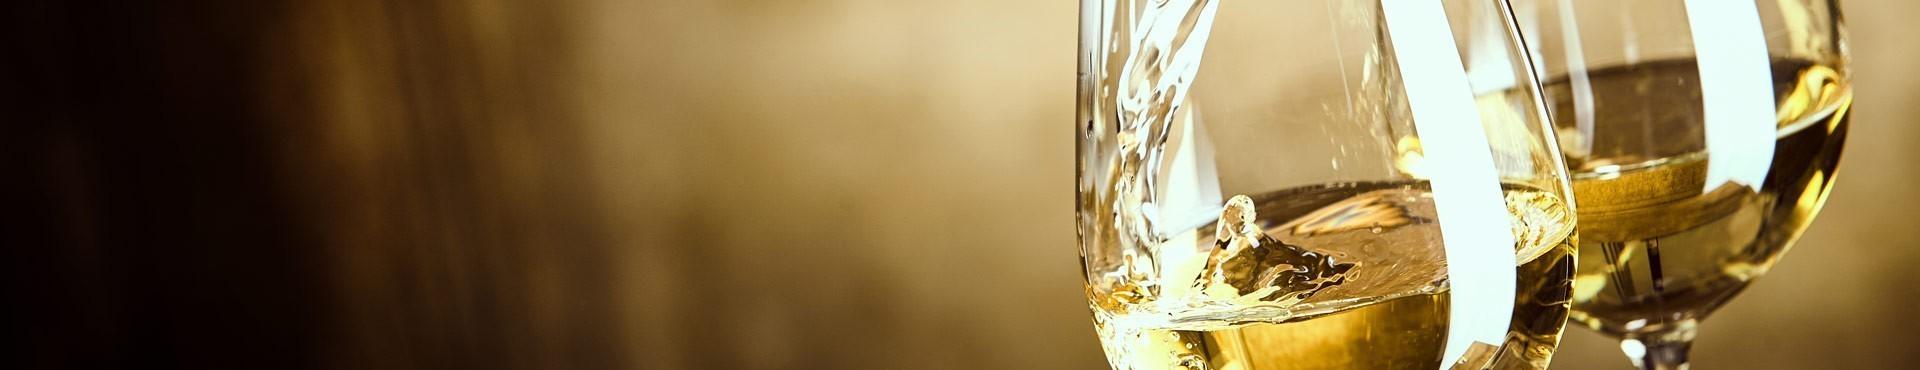 Nos vins blancs de Bordeaux - OnWine